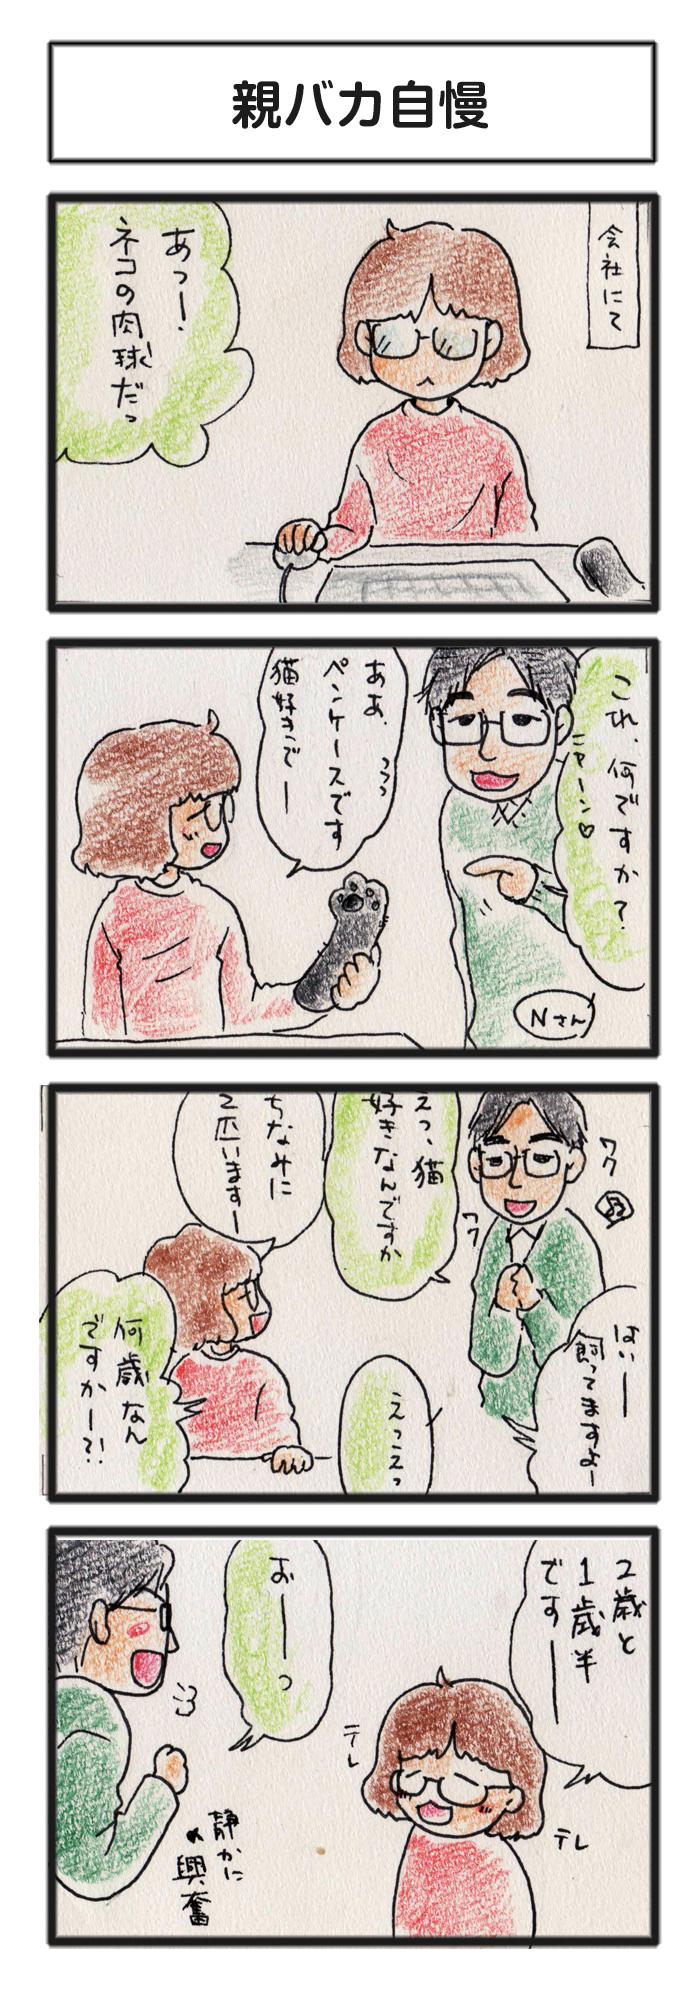 comic_4c_15022201.jpg